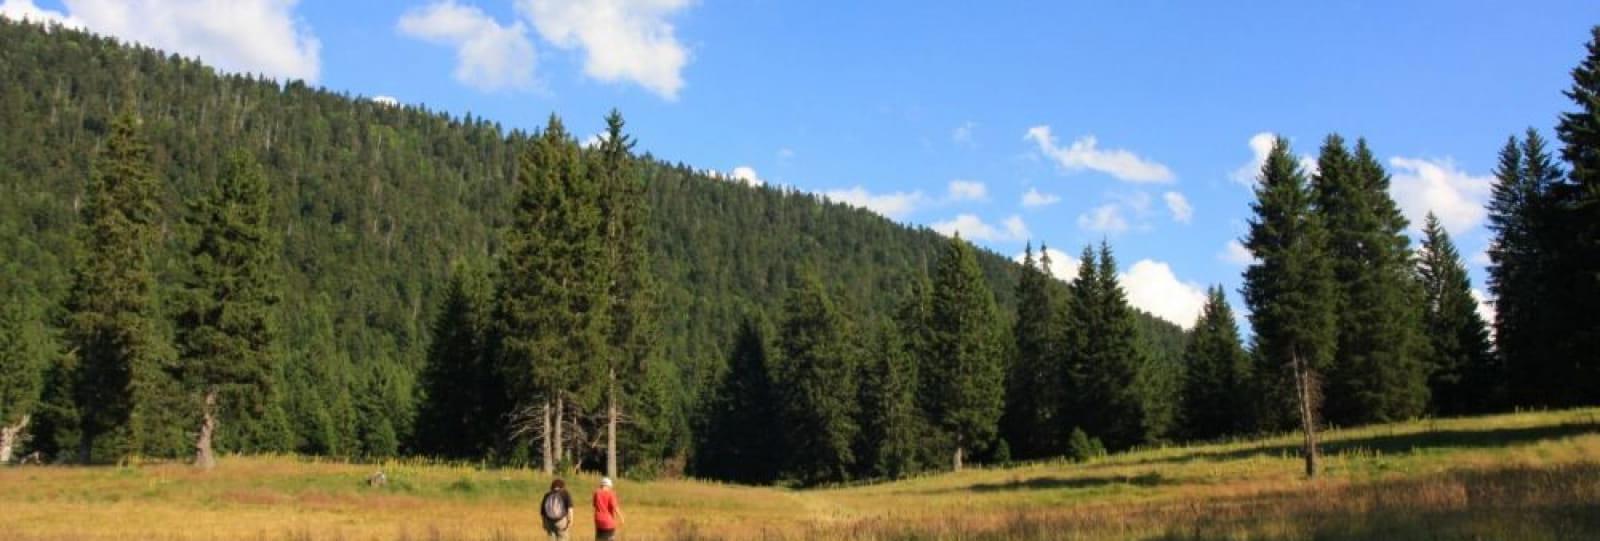 Tour du Vercors en randonnée liberté